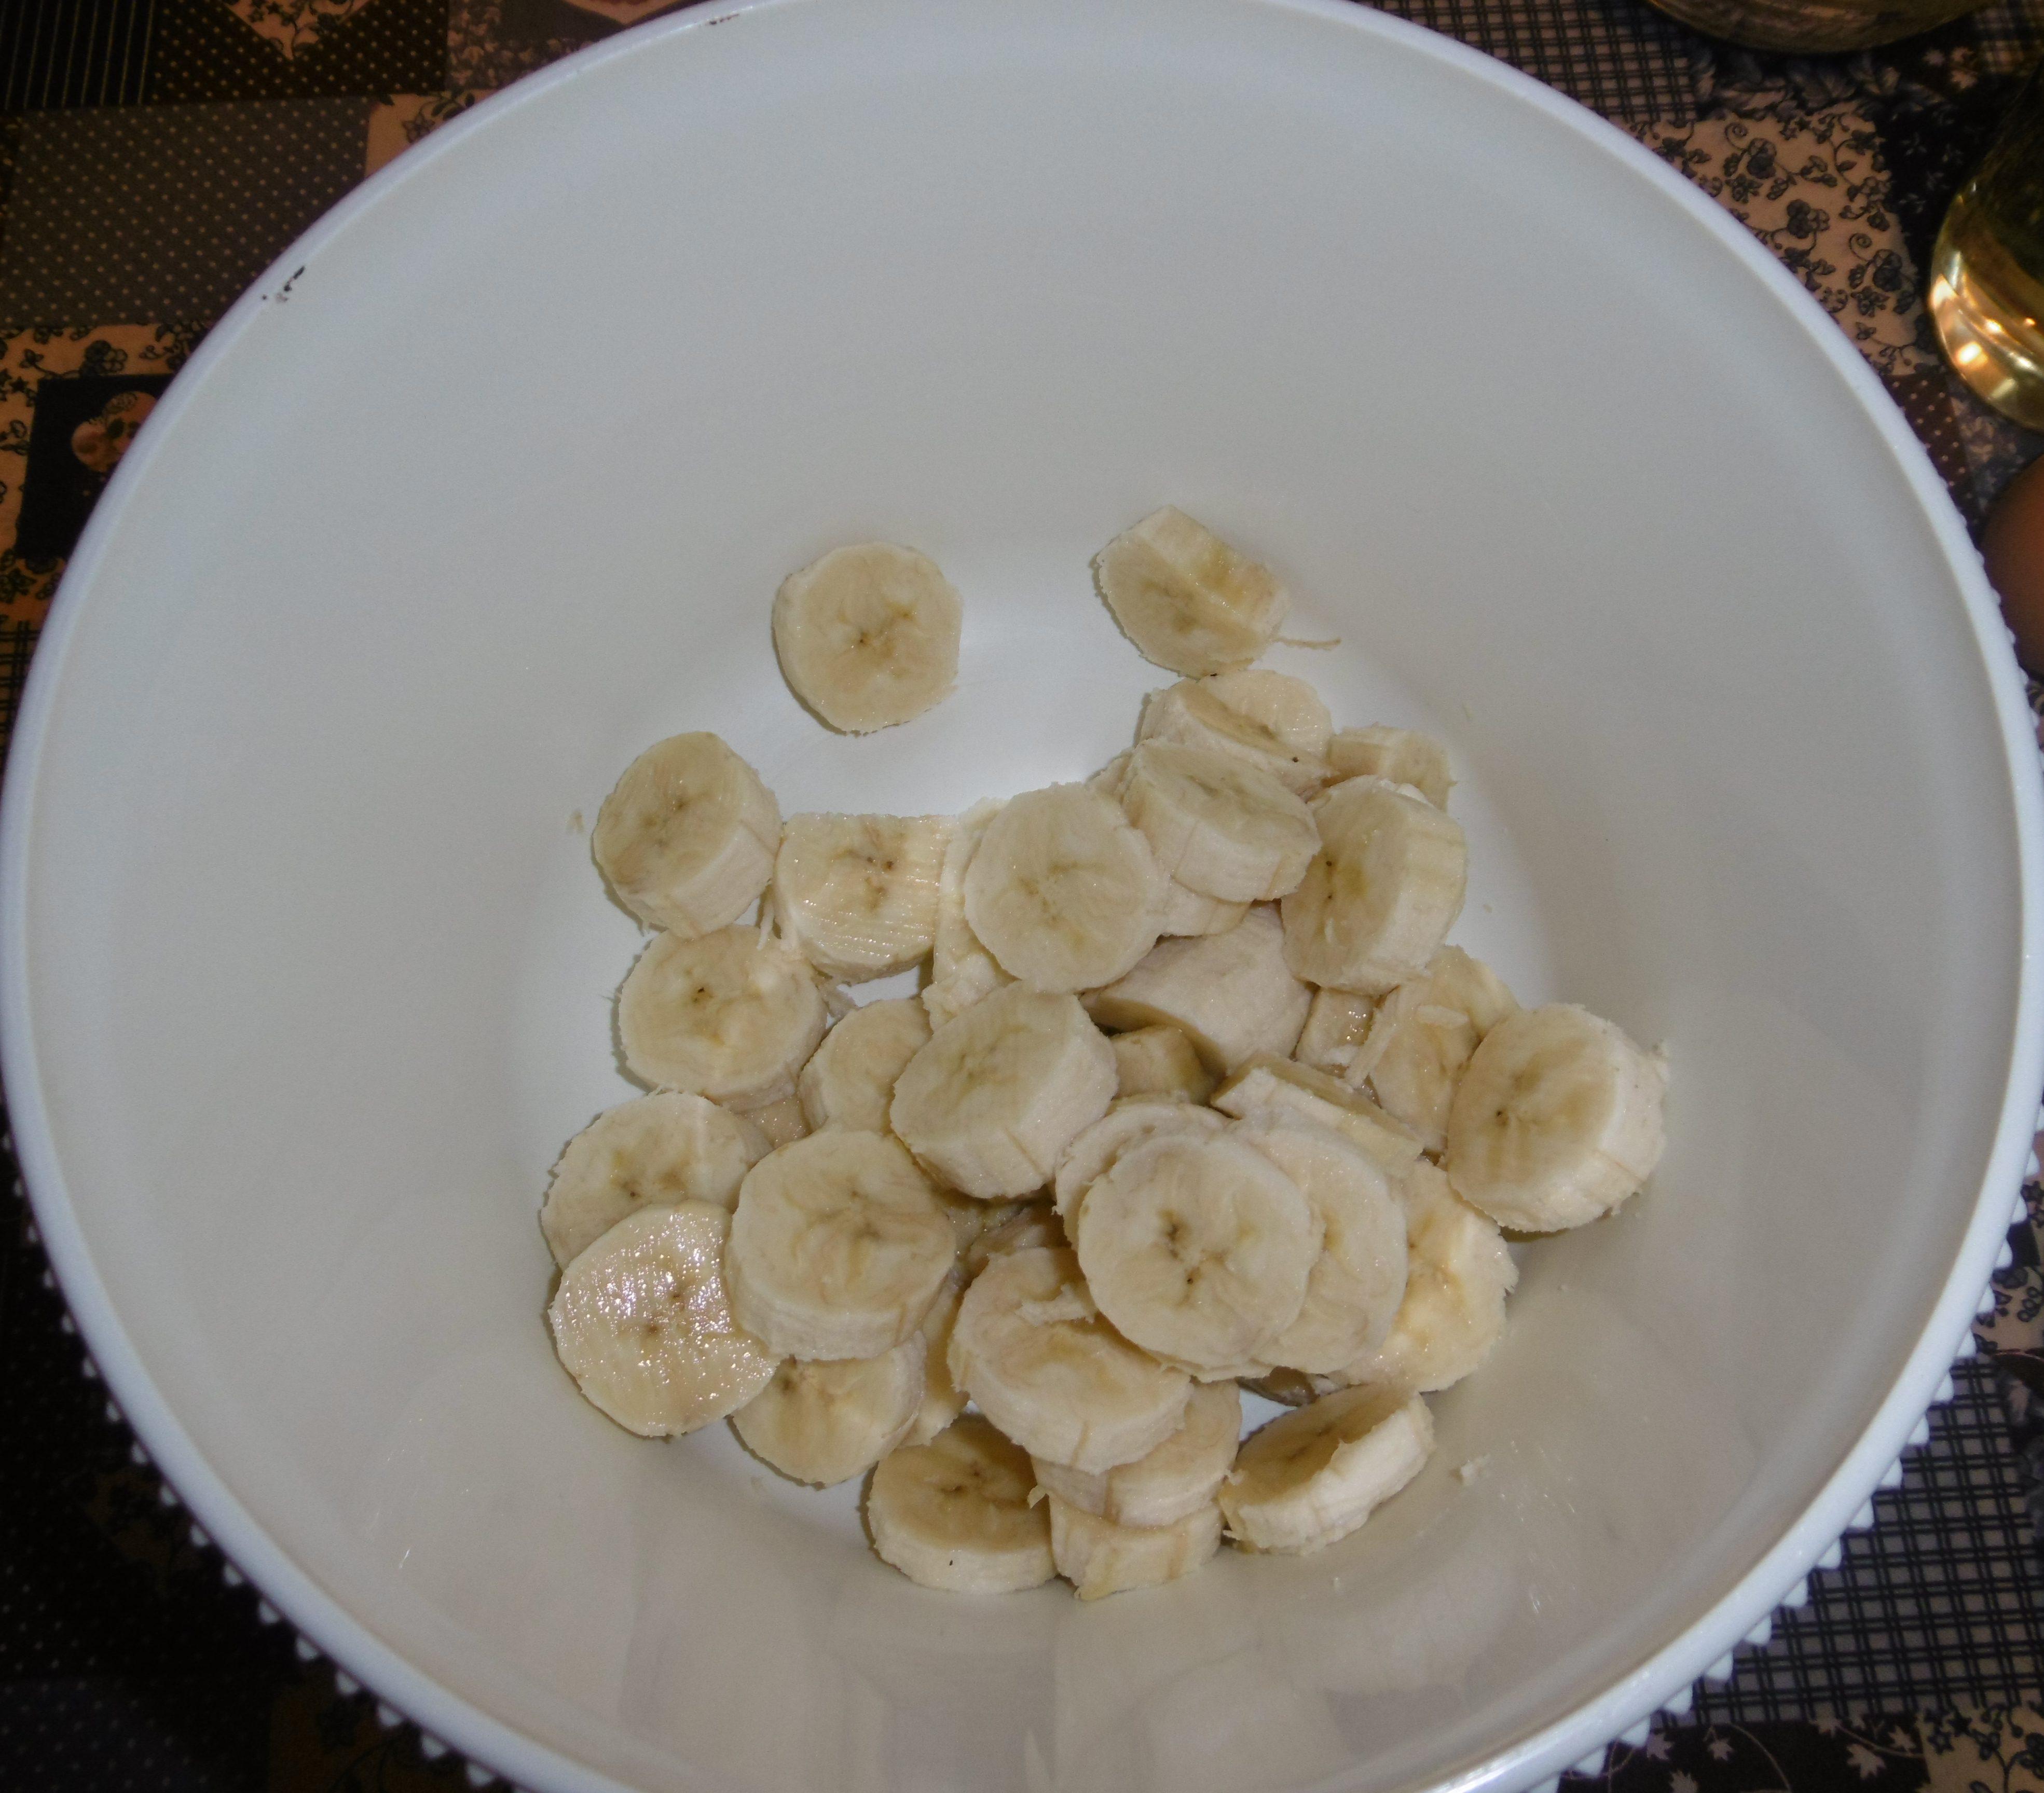 Muffin banane e cioccolato senza burro -Banane tagliate